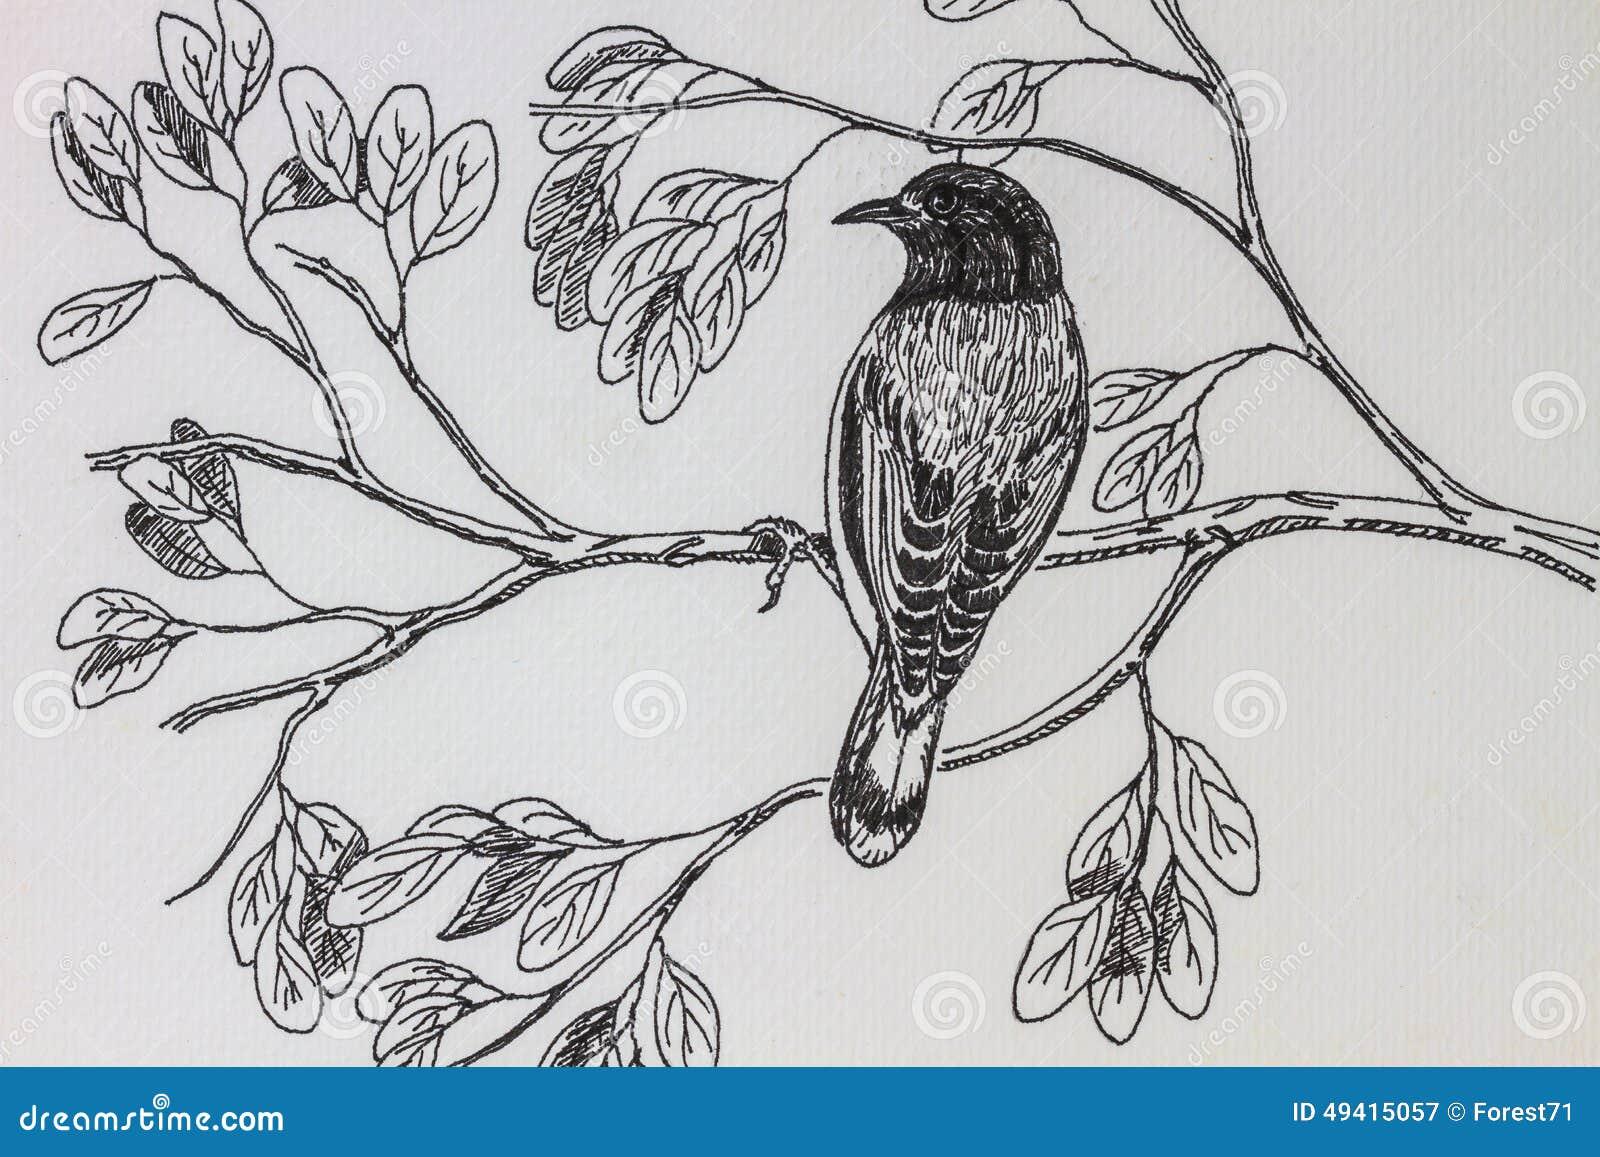 Download Vogelzeichnung stockbild. Bild von zeile, hintergrund - 49415057